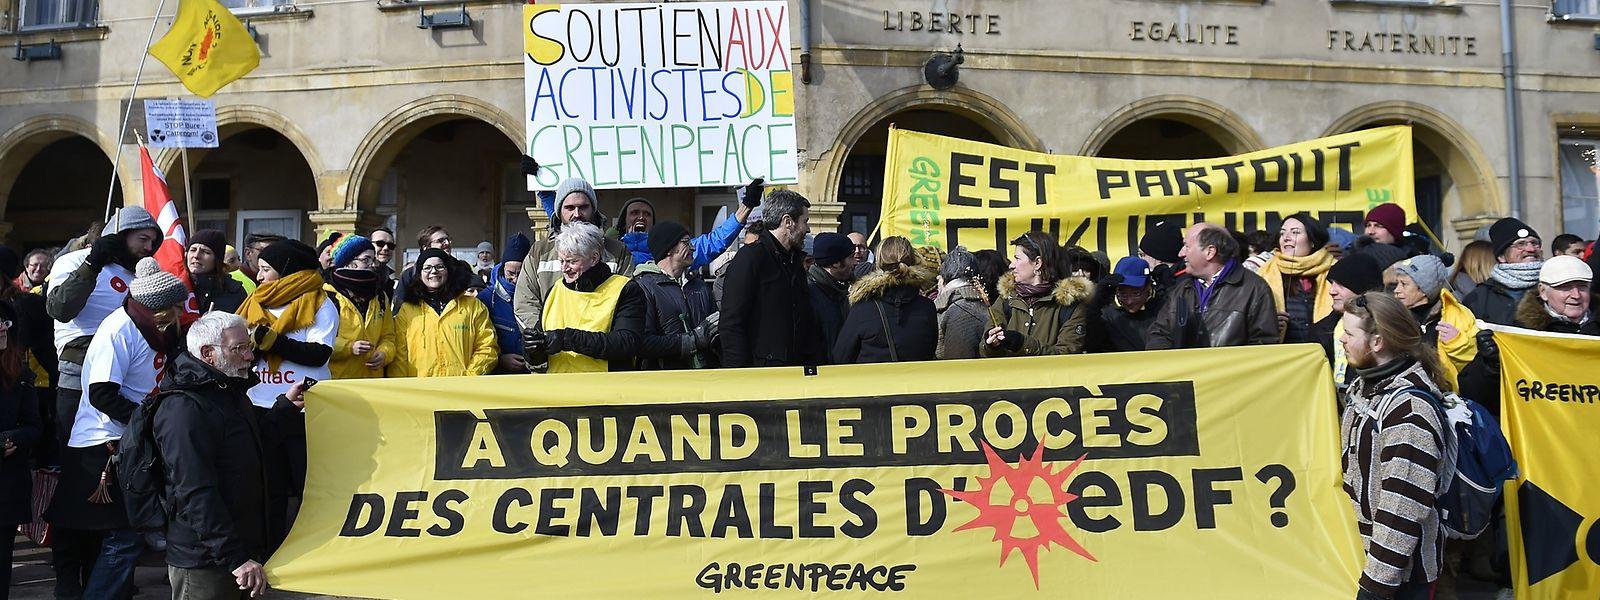 Vor dem Strafgericht in Thionville hatten sich etwa 140 Demonstranten eingefunden, um den acht Aktivisten von Greenpeace Unterstützung zuzusichern.